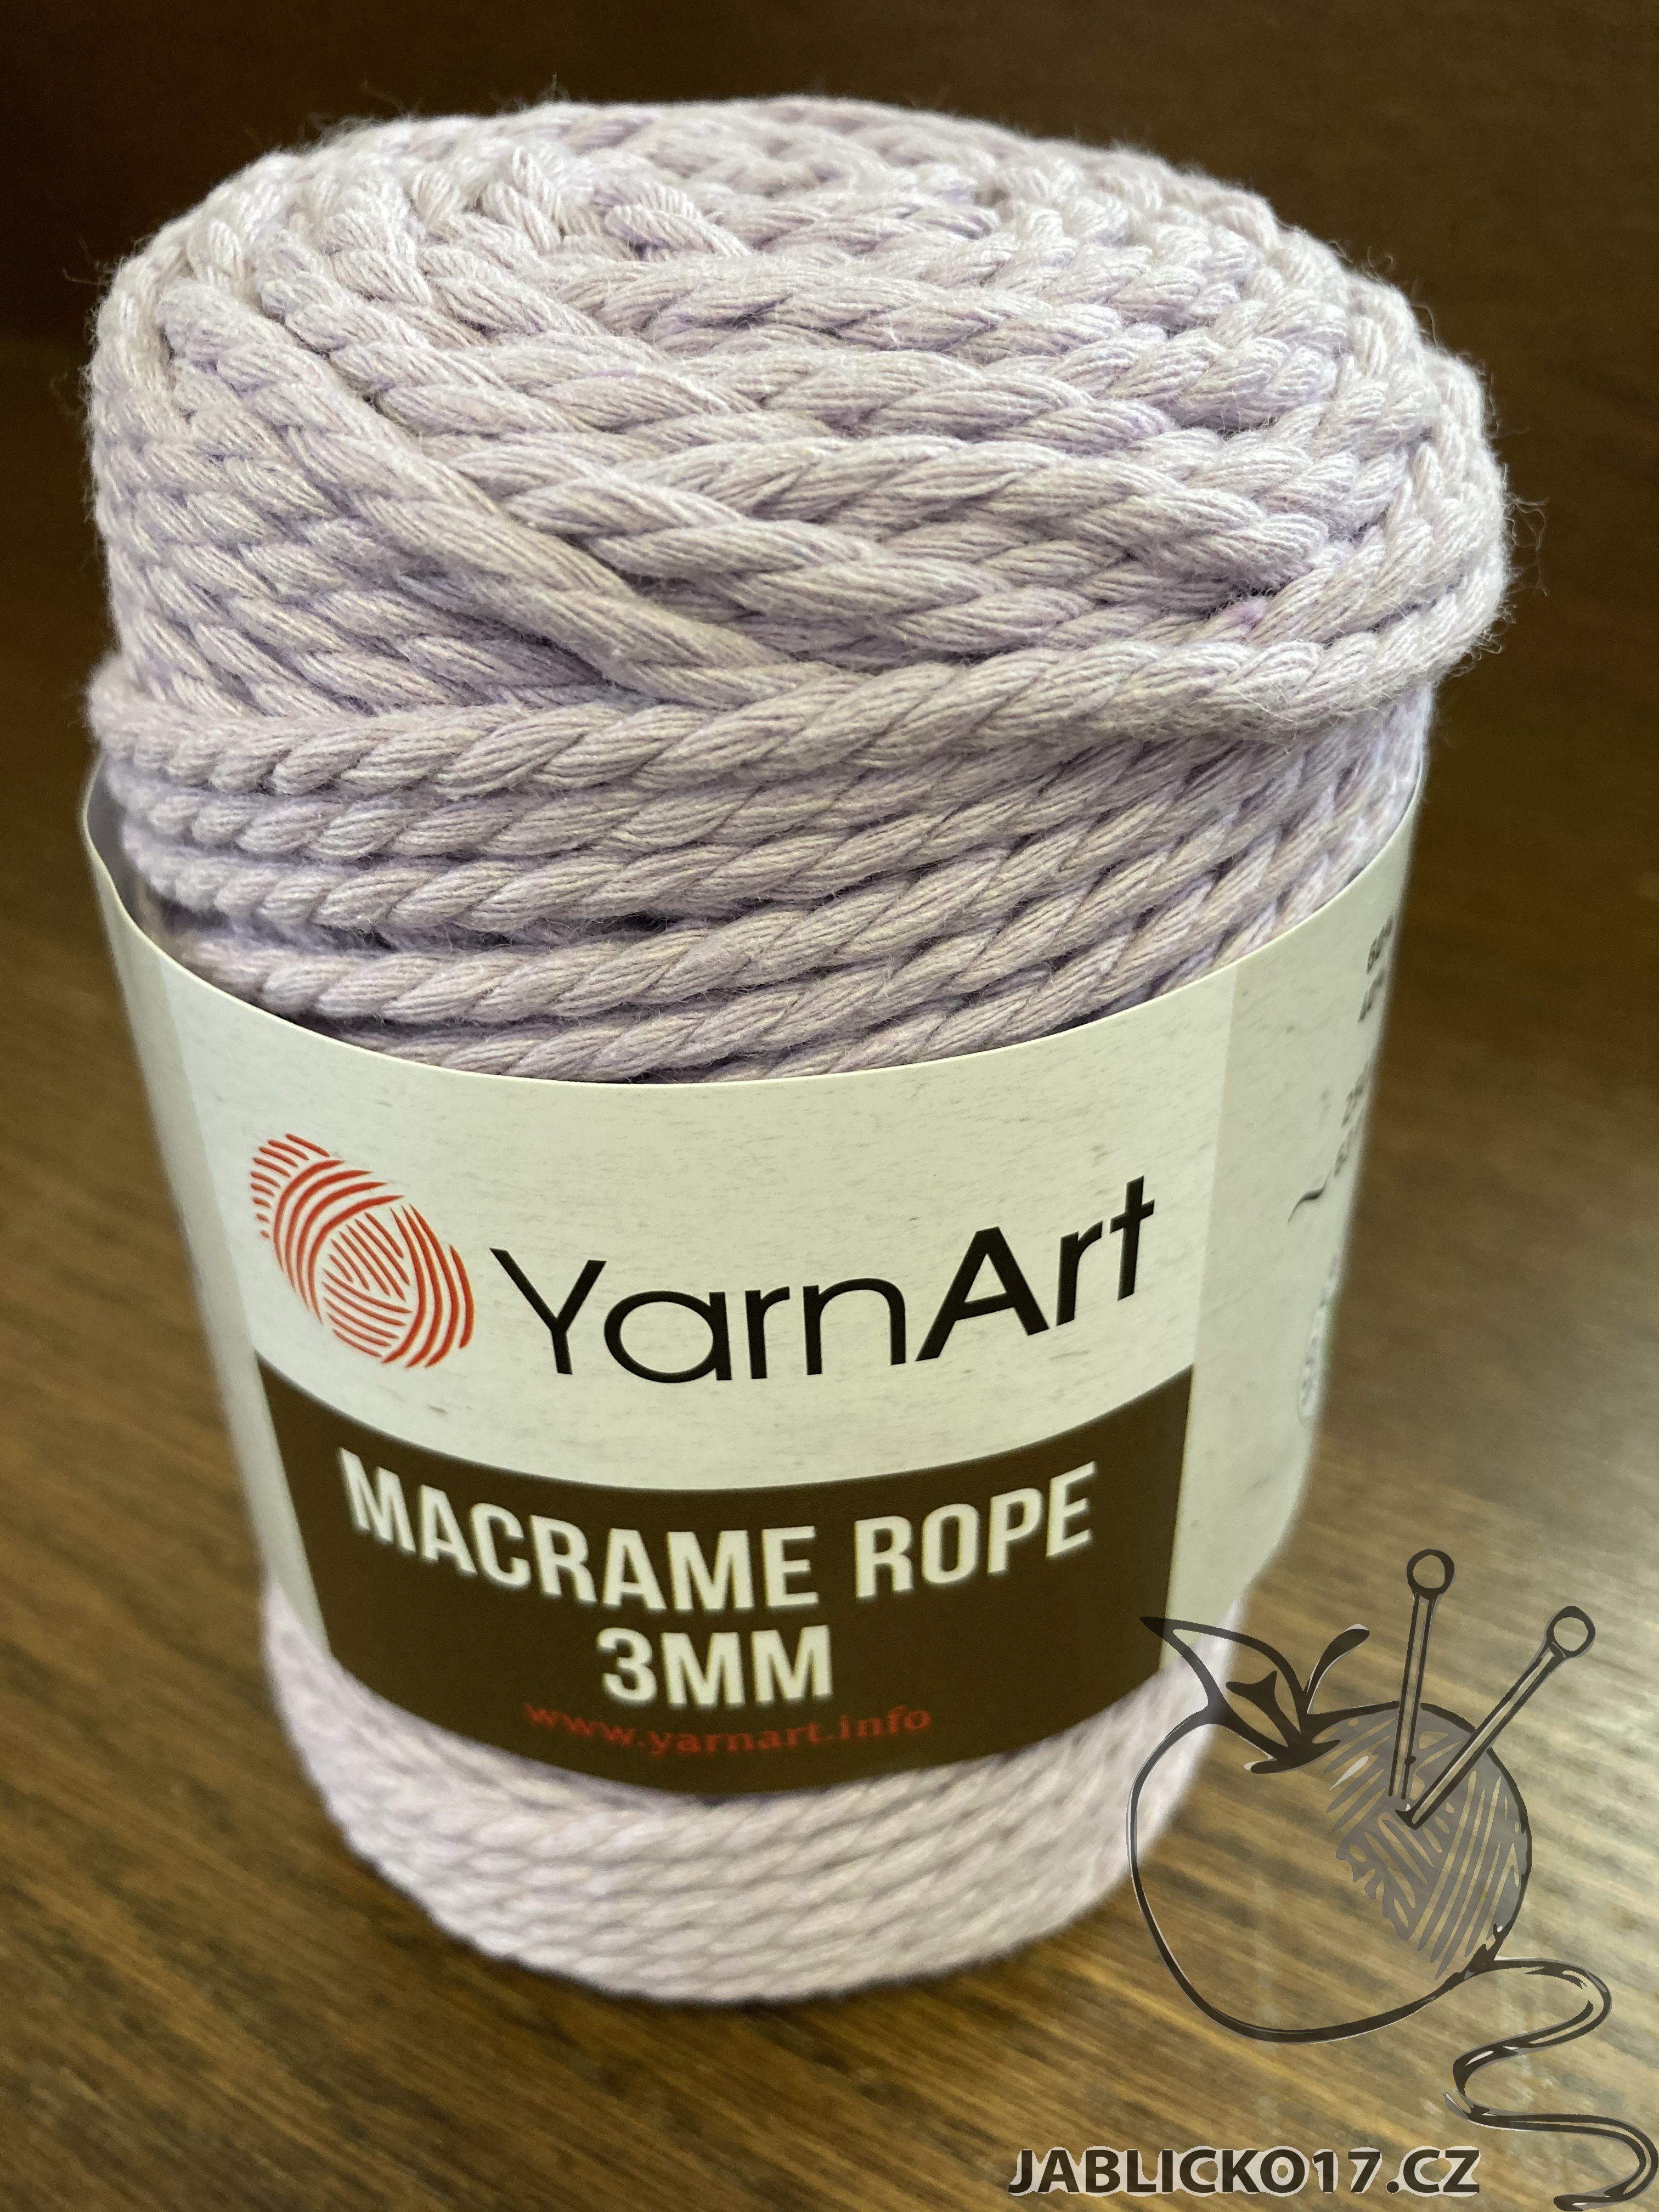 Macrame ROPE 3MM